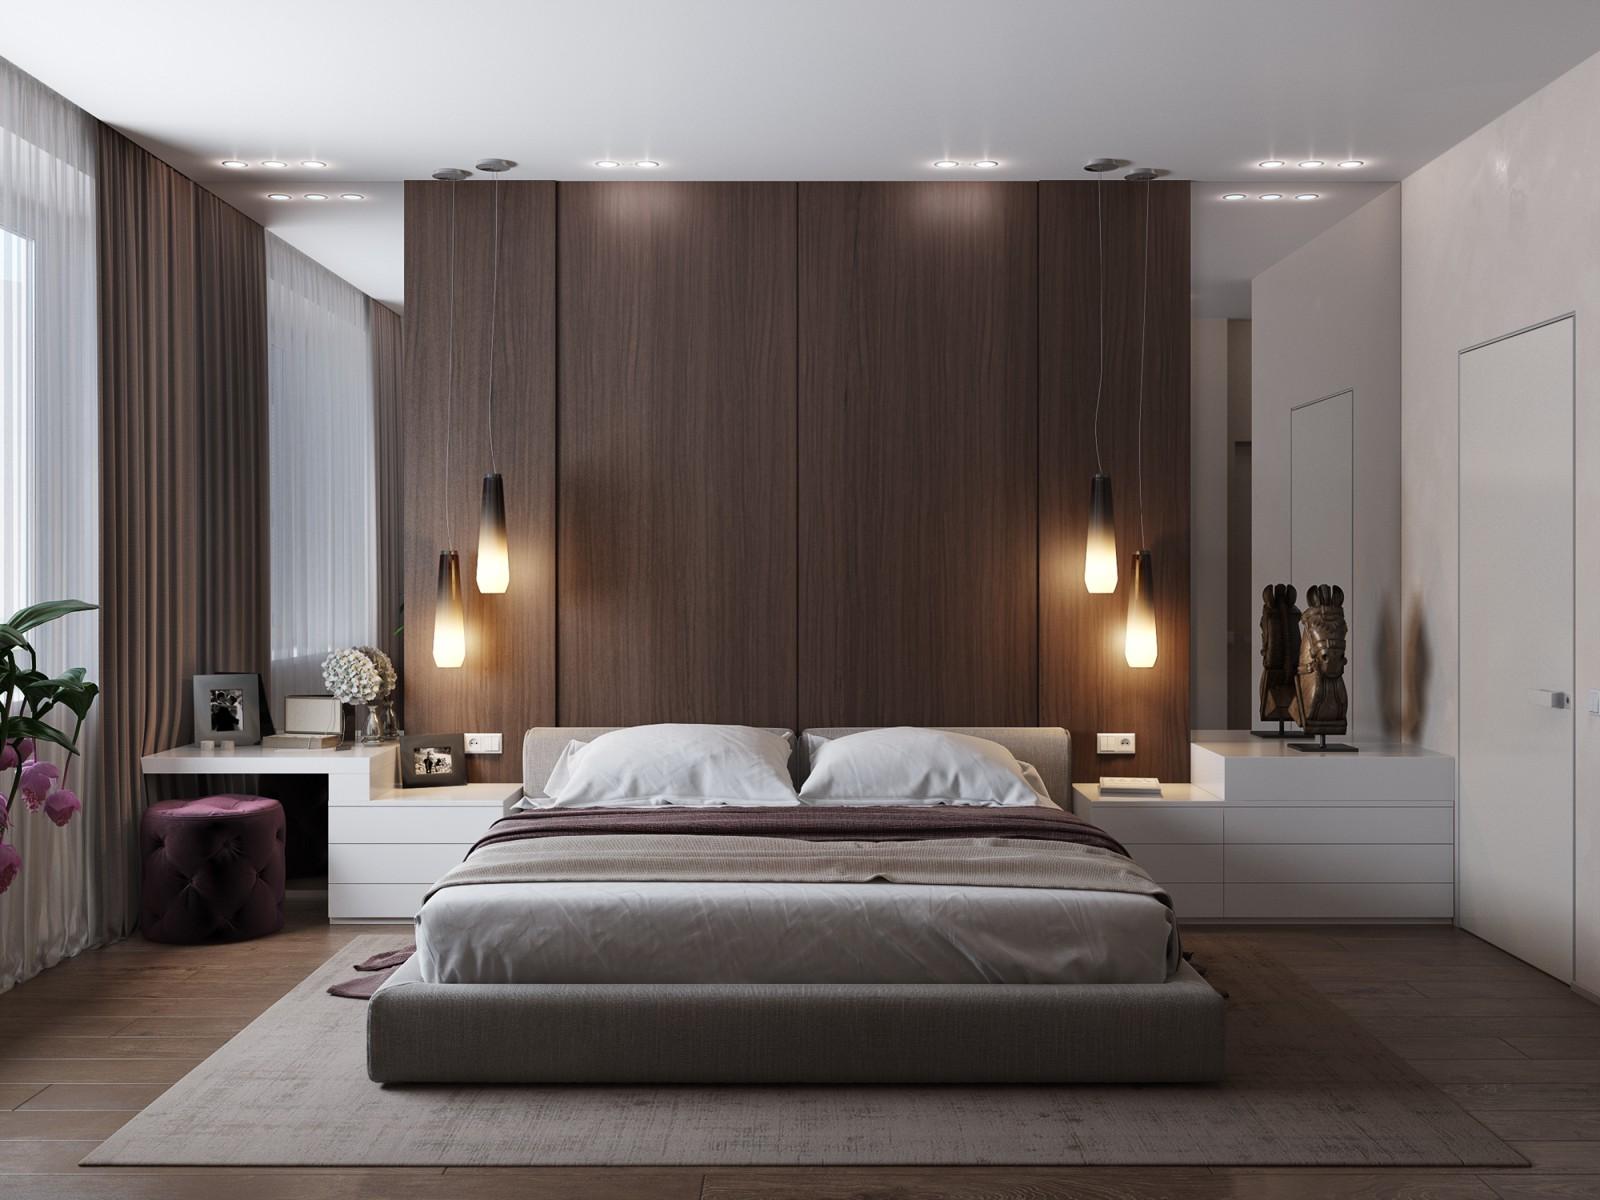 Нове ліжко для спальні.jpg